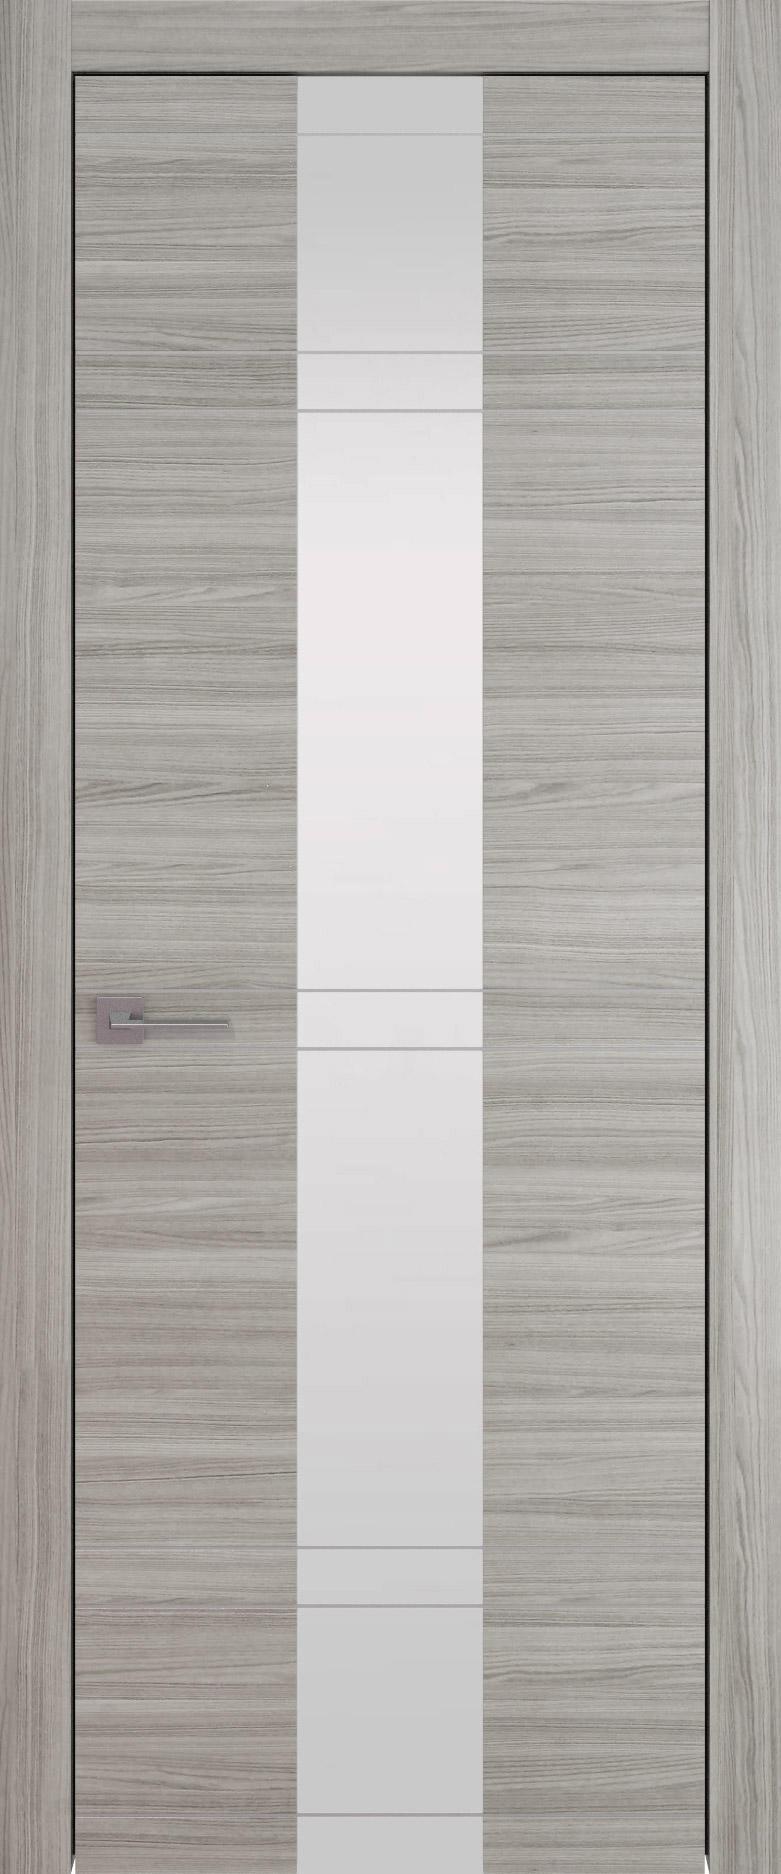 Tivoli Ж-4 цвет - Орех пепельный Со стеклом (ДО)